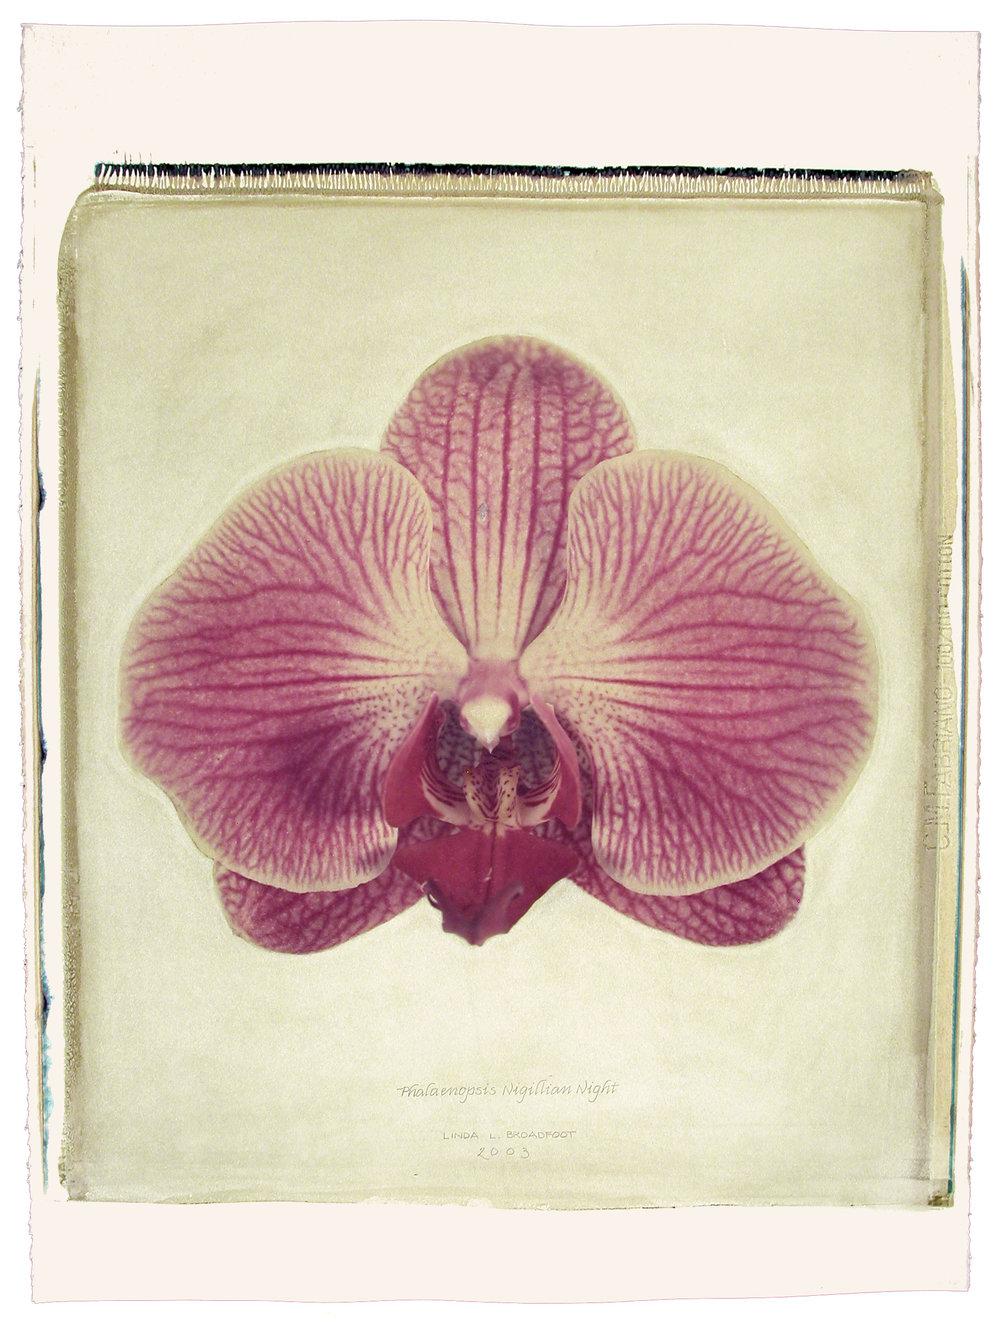 Phalaenopsis  (Nigillian Night), 2003